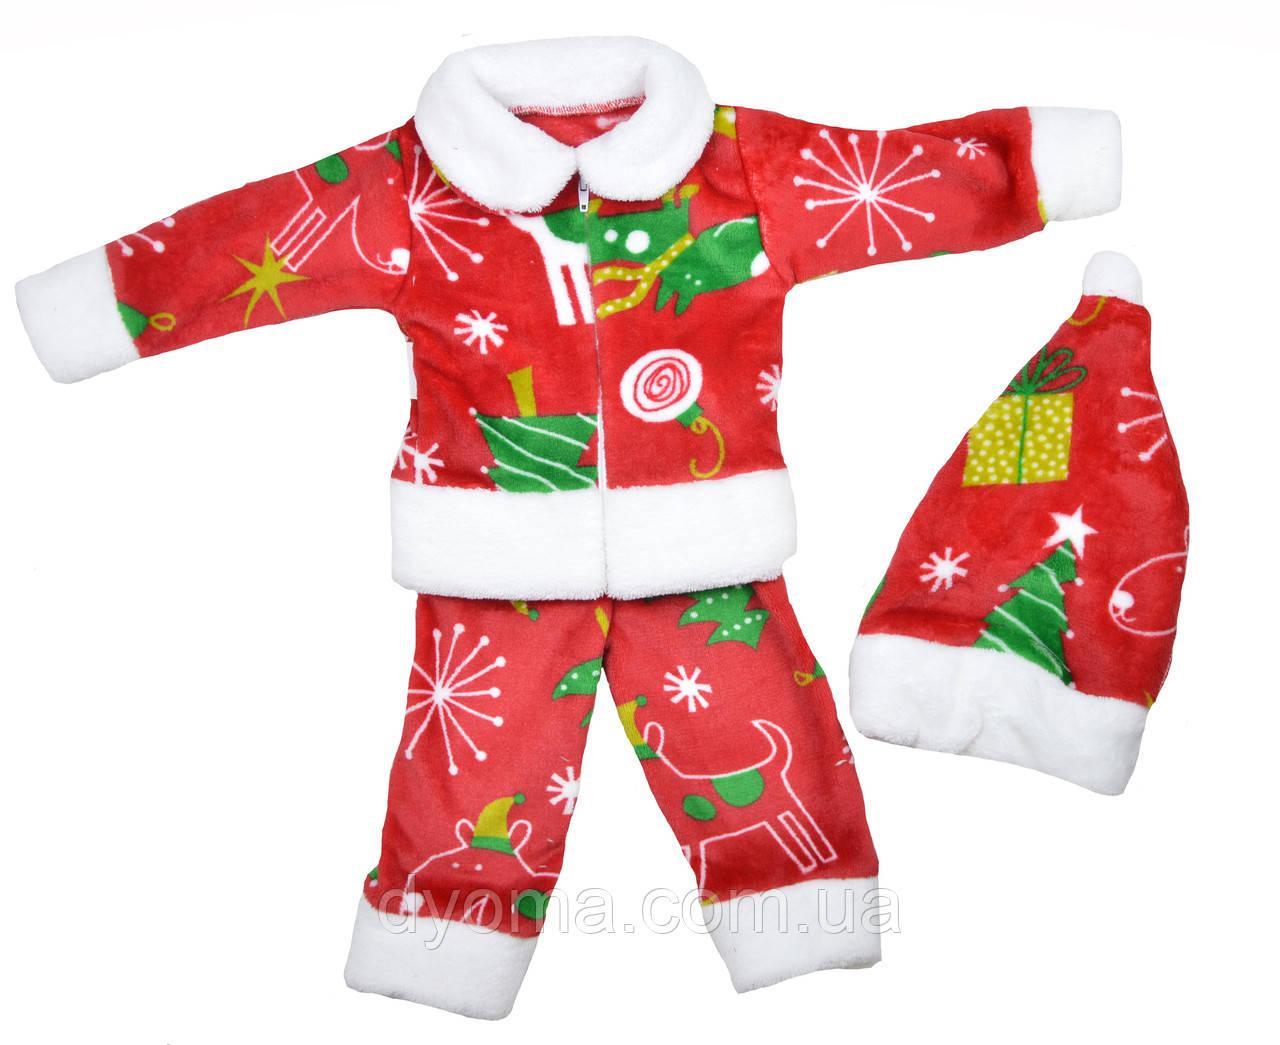 """Детский махровый костюм """"Новогодний"""" для мальчиков и девочек"""